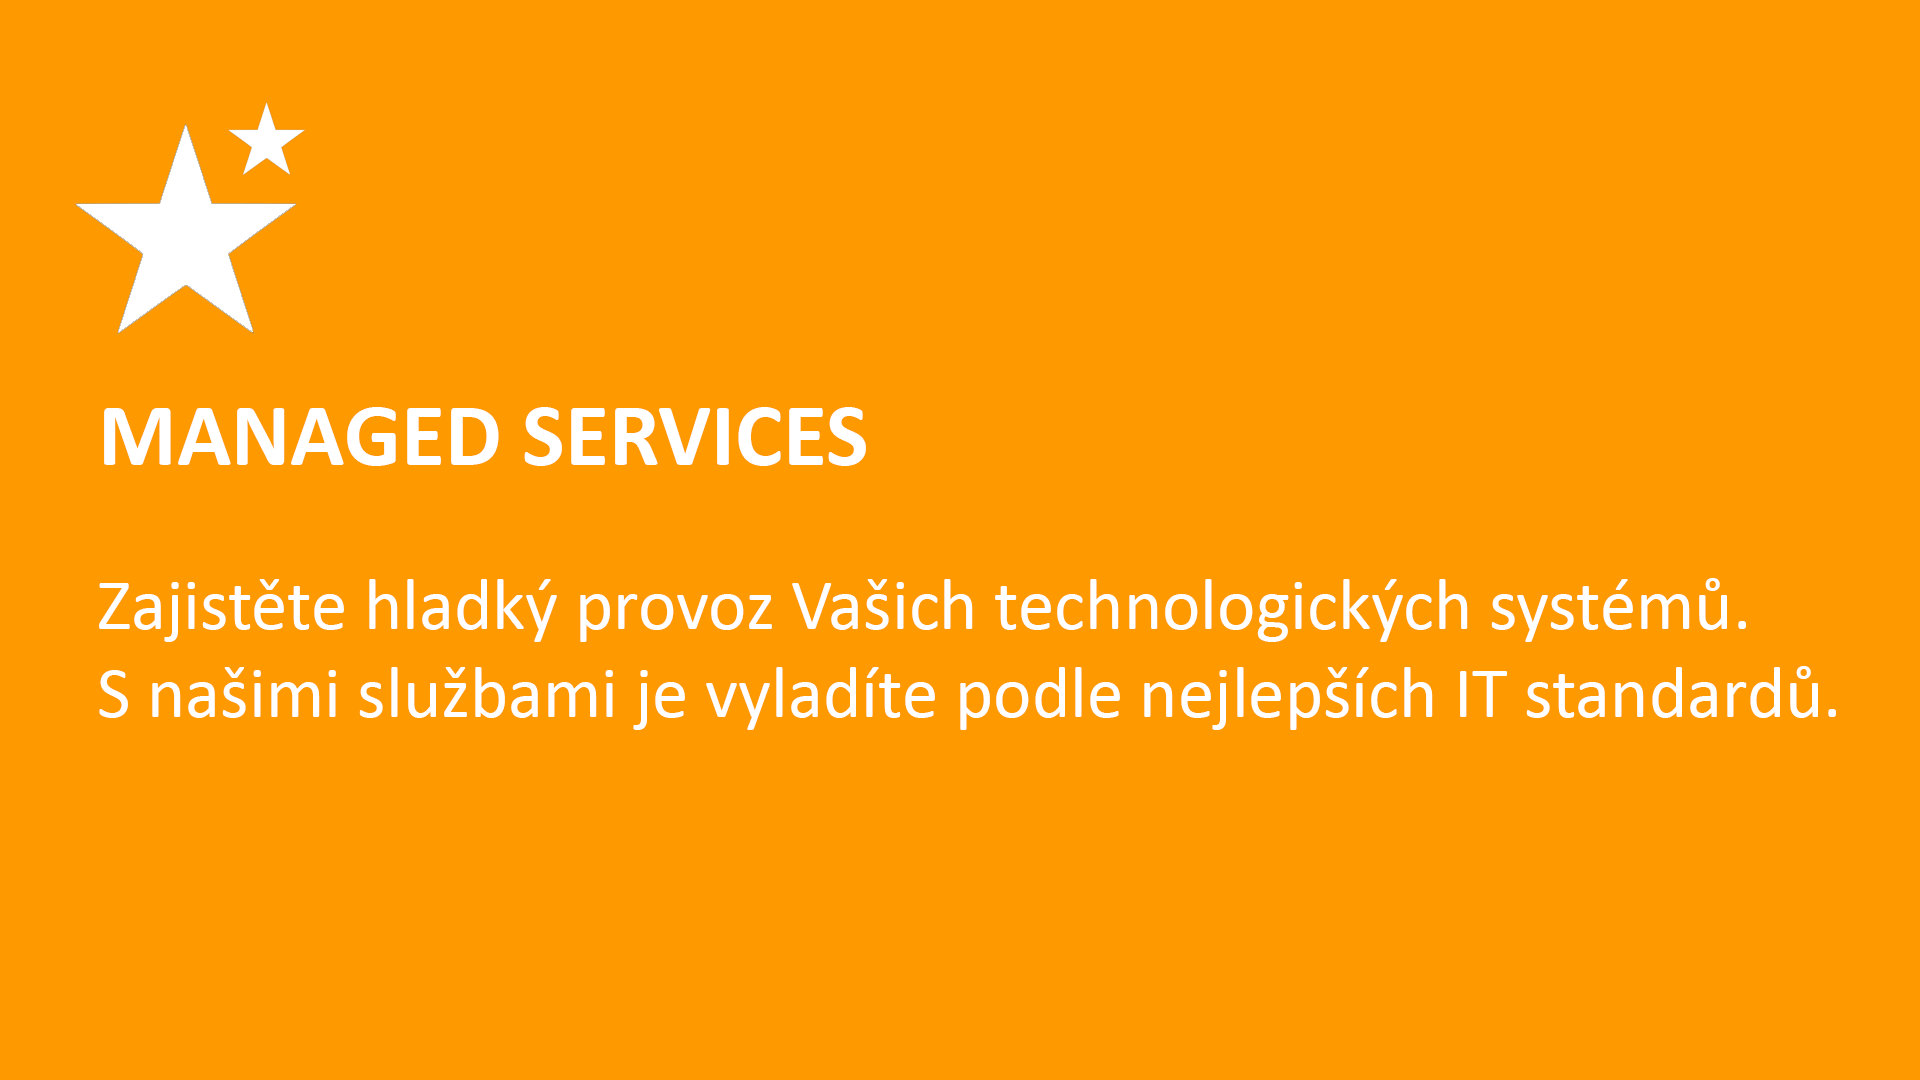 MANAGED SERVICES  Zajistěte hladký provoz Vašich technologických systémů.  S našimi službami je vyladíte podle nejlepších IT standardů.